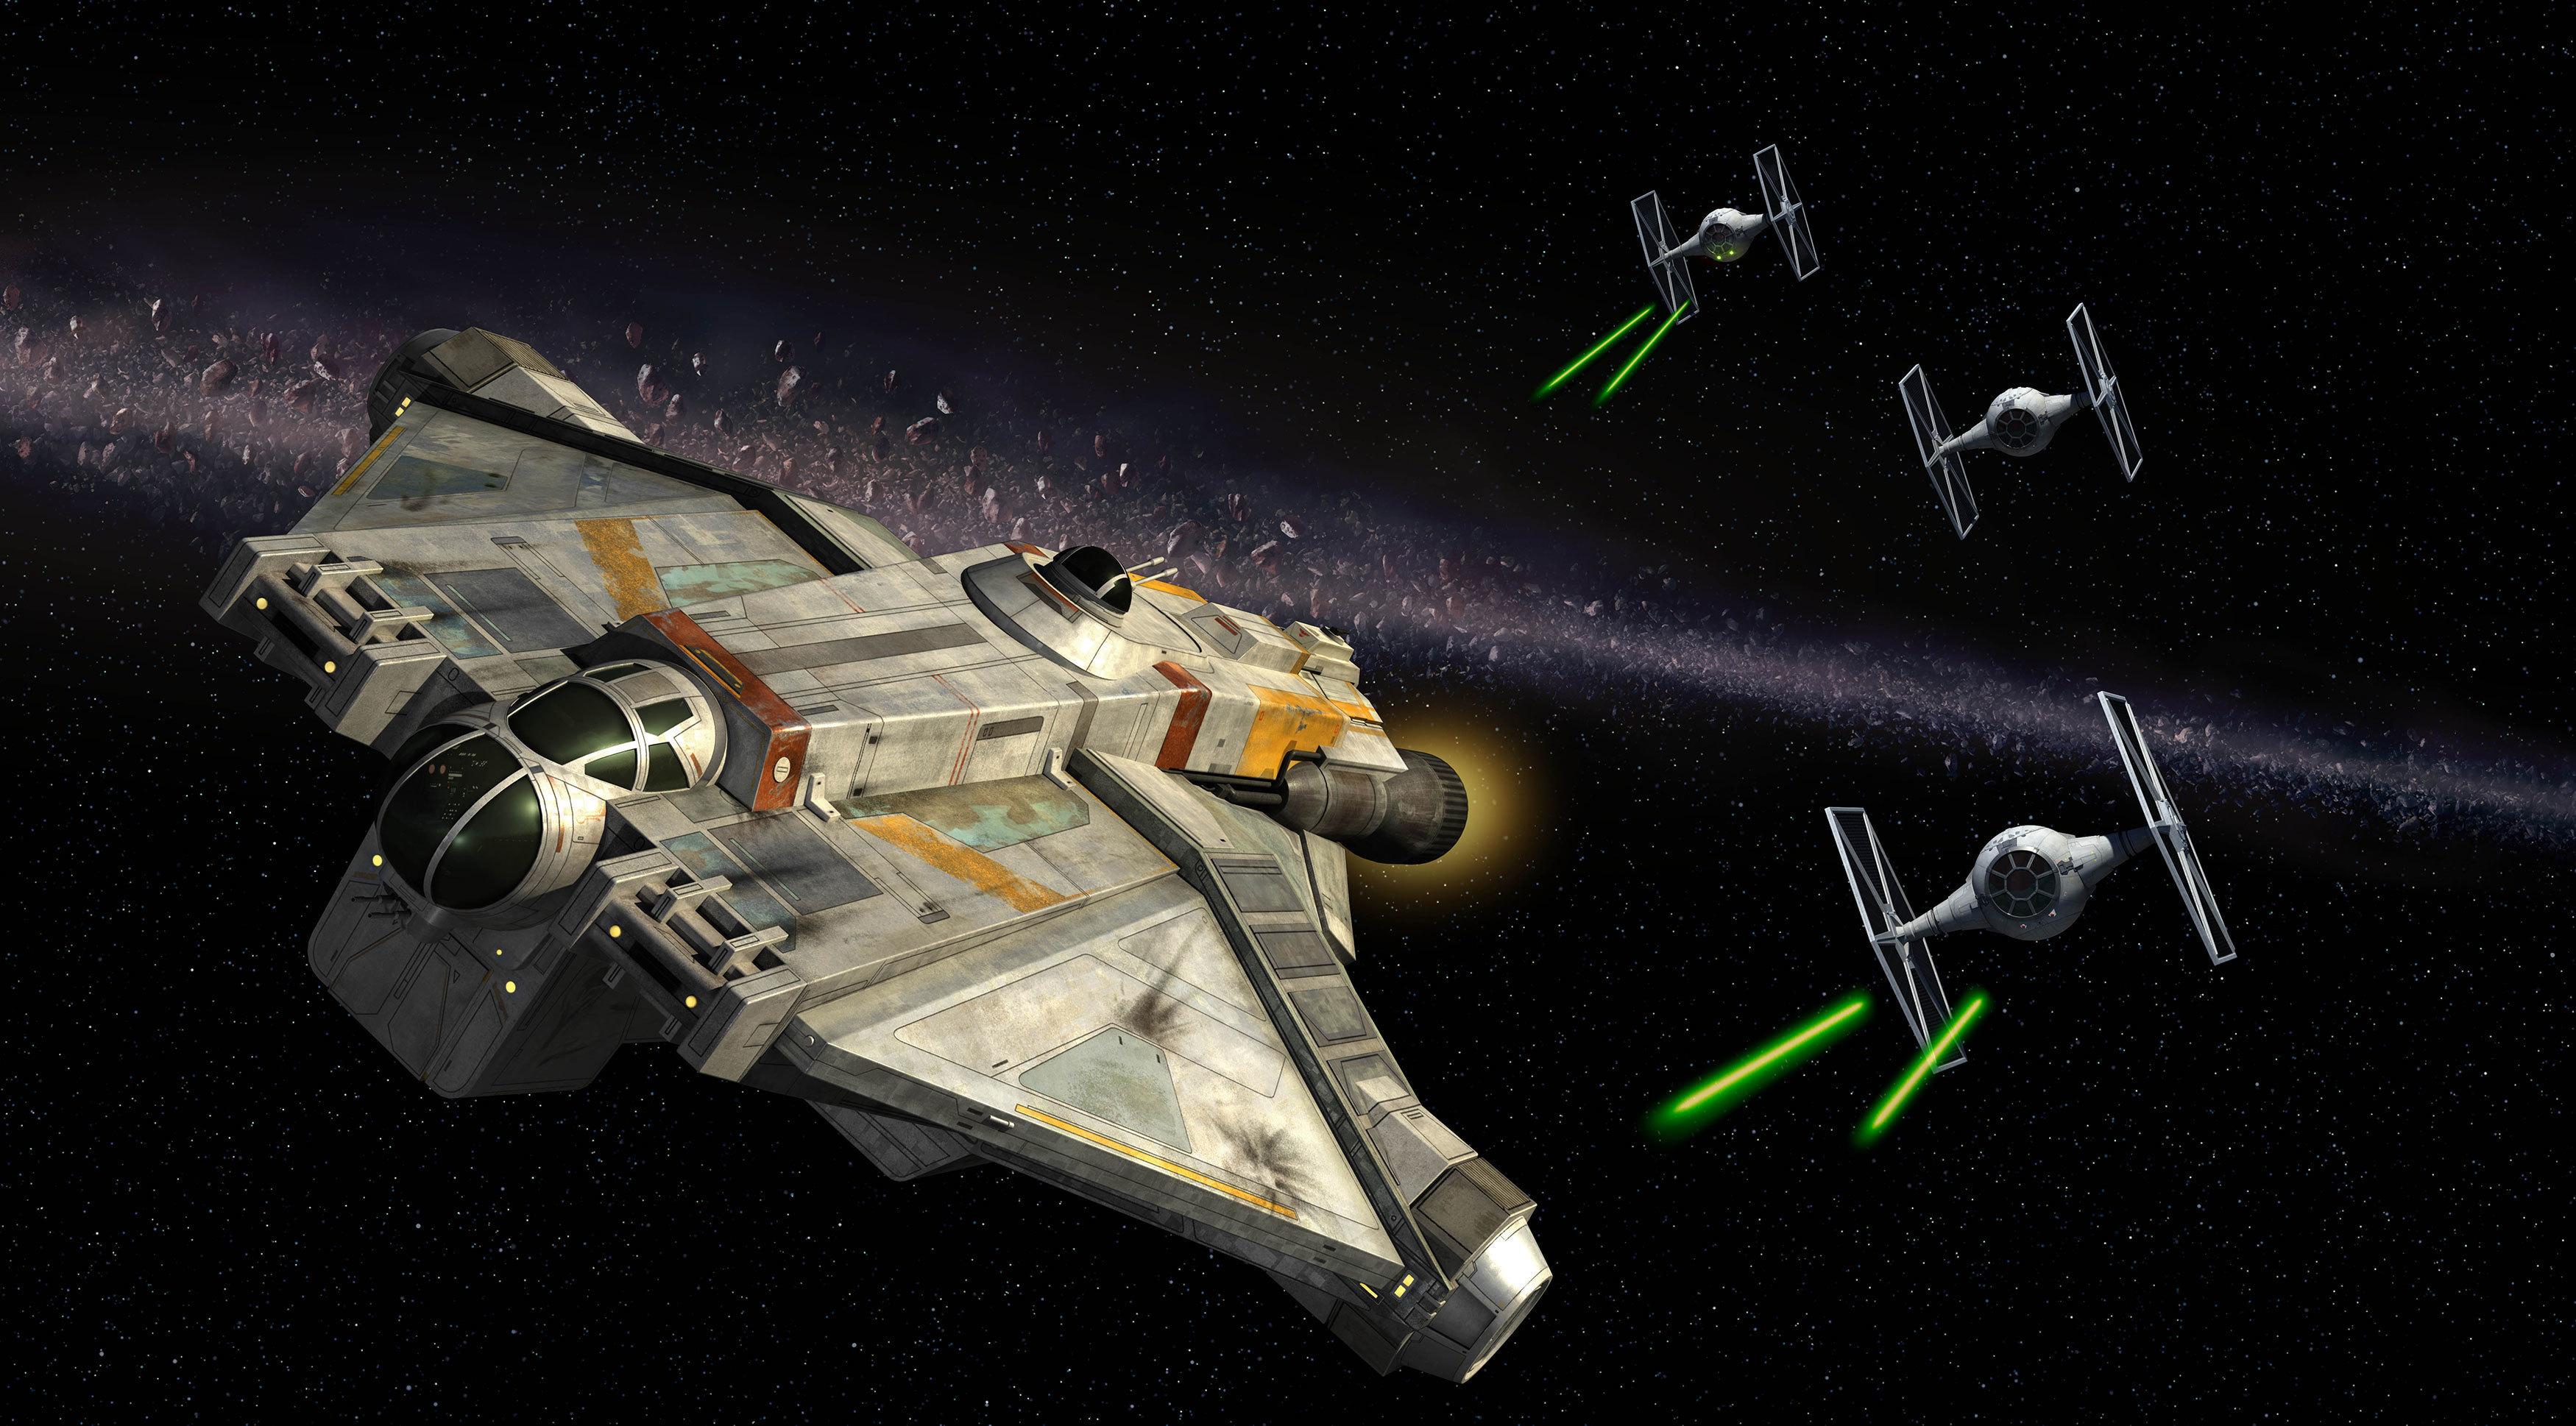 Star Wars Rebels Gallery   Disney XD - photo#35